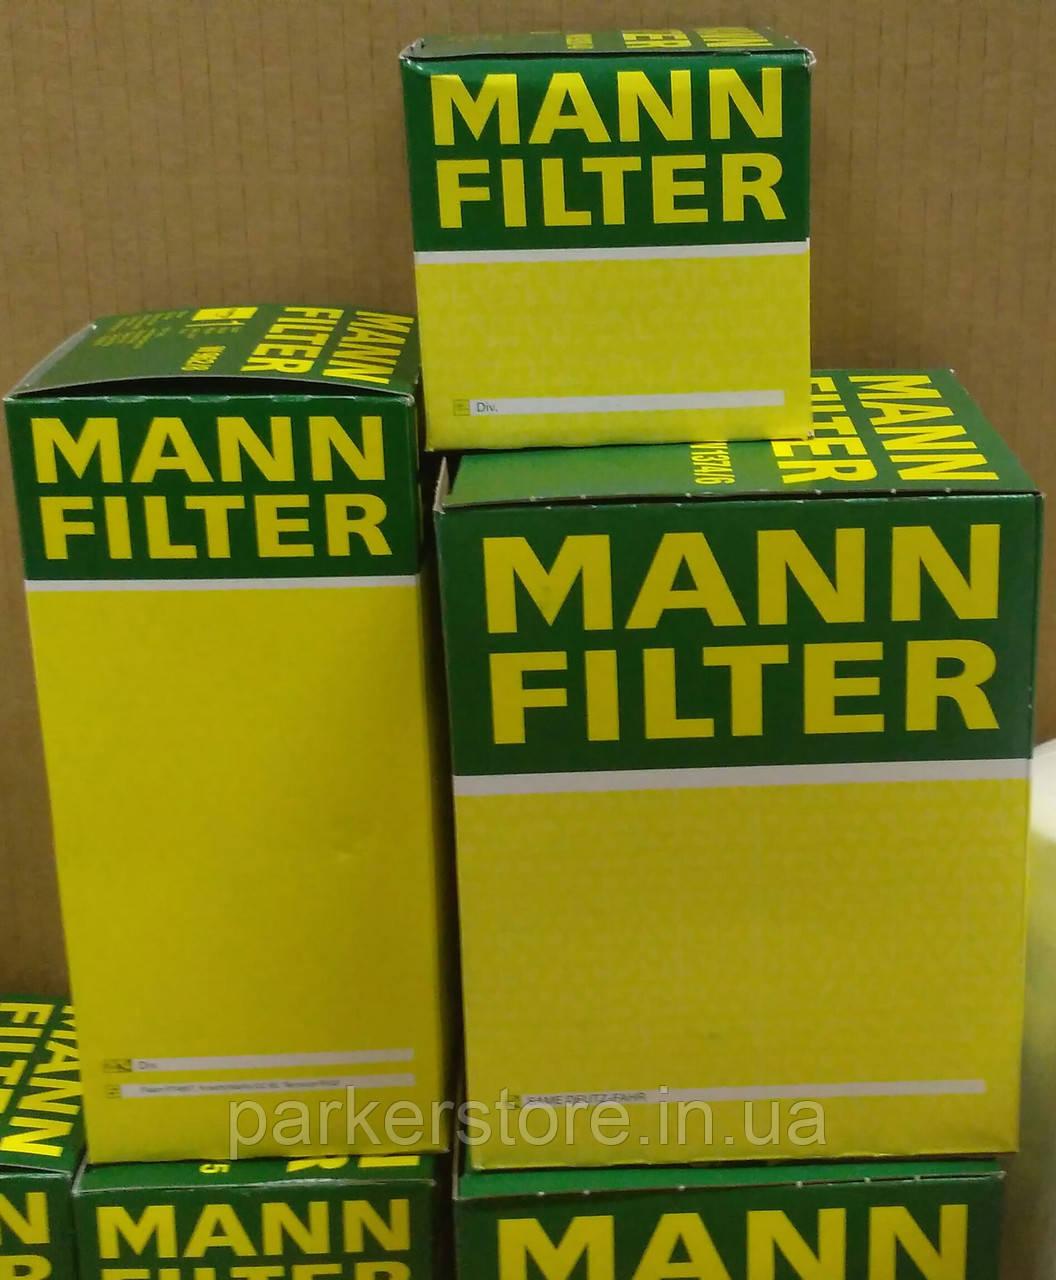 MANN FILTER / Повітряний фільтр / C 2324 / C2324